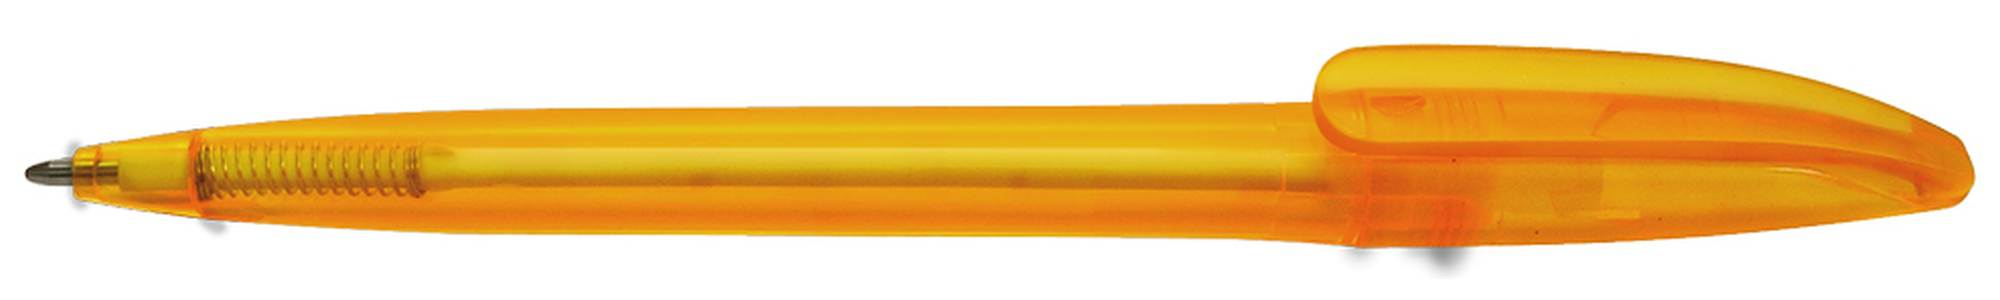 Długopis reklamowy plastikowy – Chili